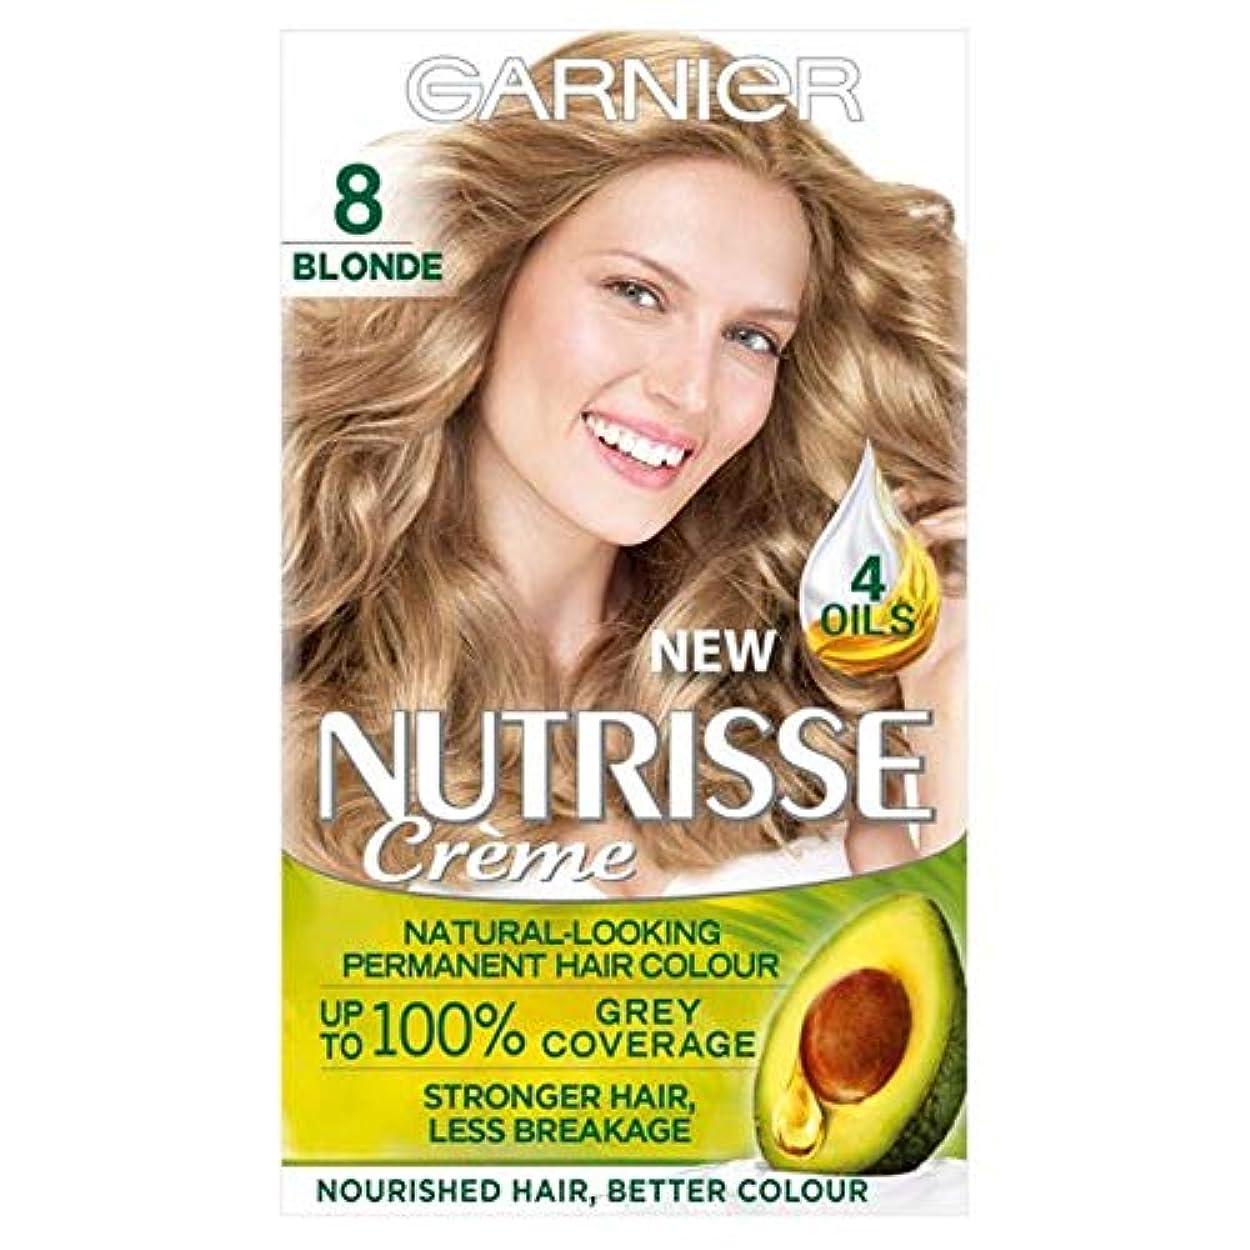 山岳より多い見る人[Nutrisse] 8ブロンドの永久染毛剤Nutrisseガルニエ - Garnier Nutrisse 8 Blonde Permanent Hair Dye [並行輸入品]